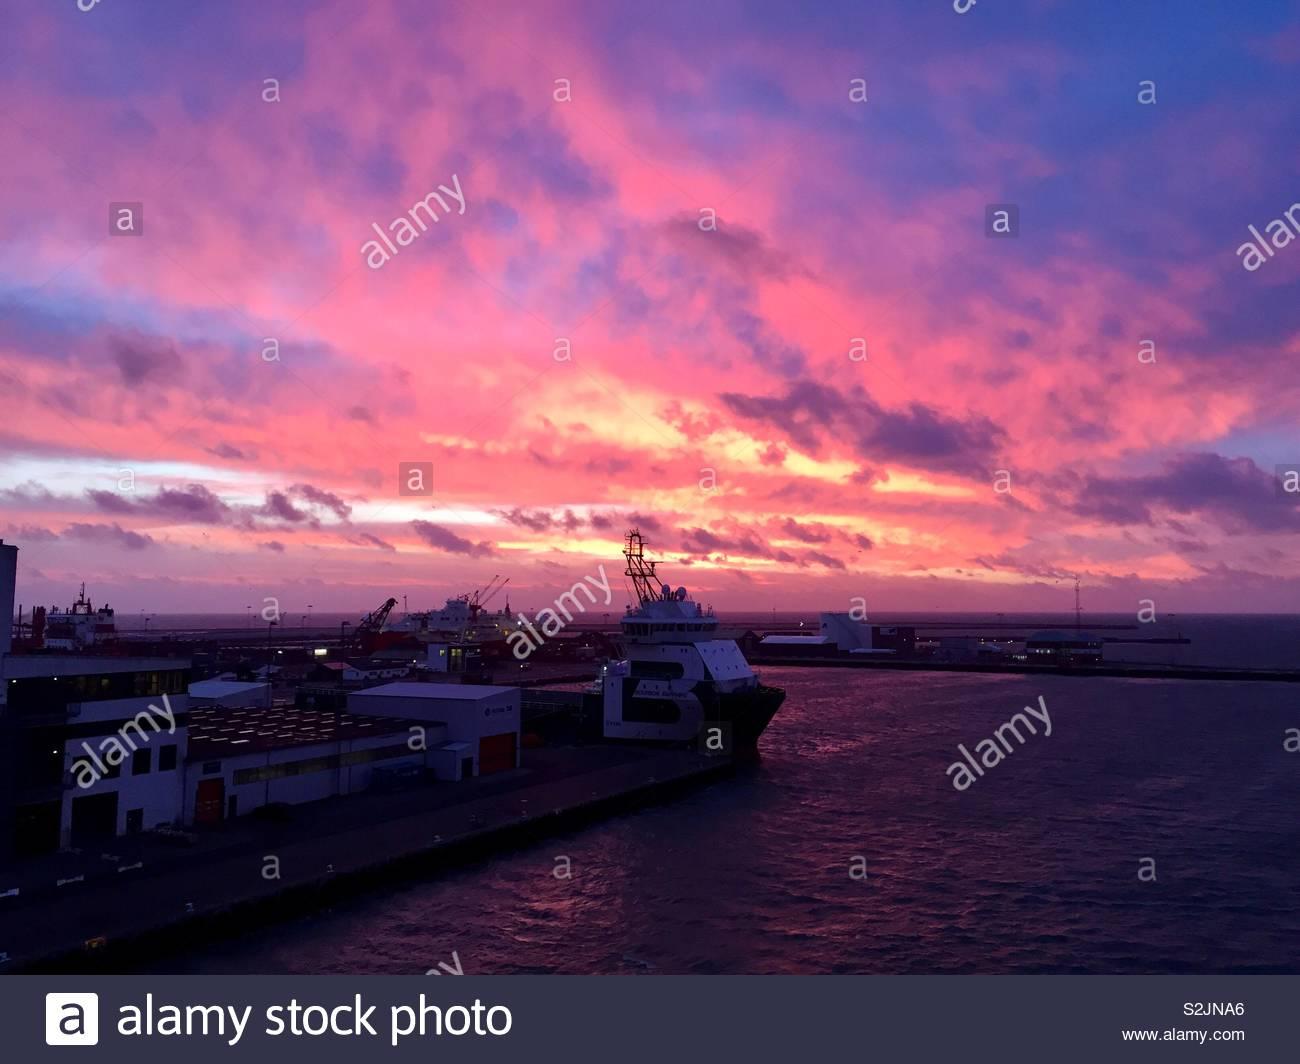 Dawn across the Port of Friedrikshaven - Stock Image